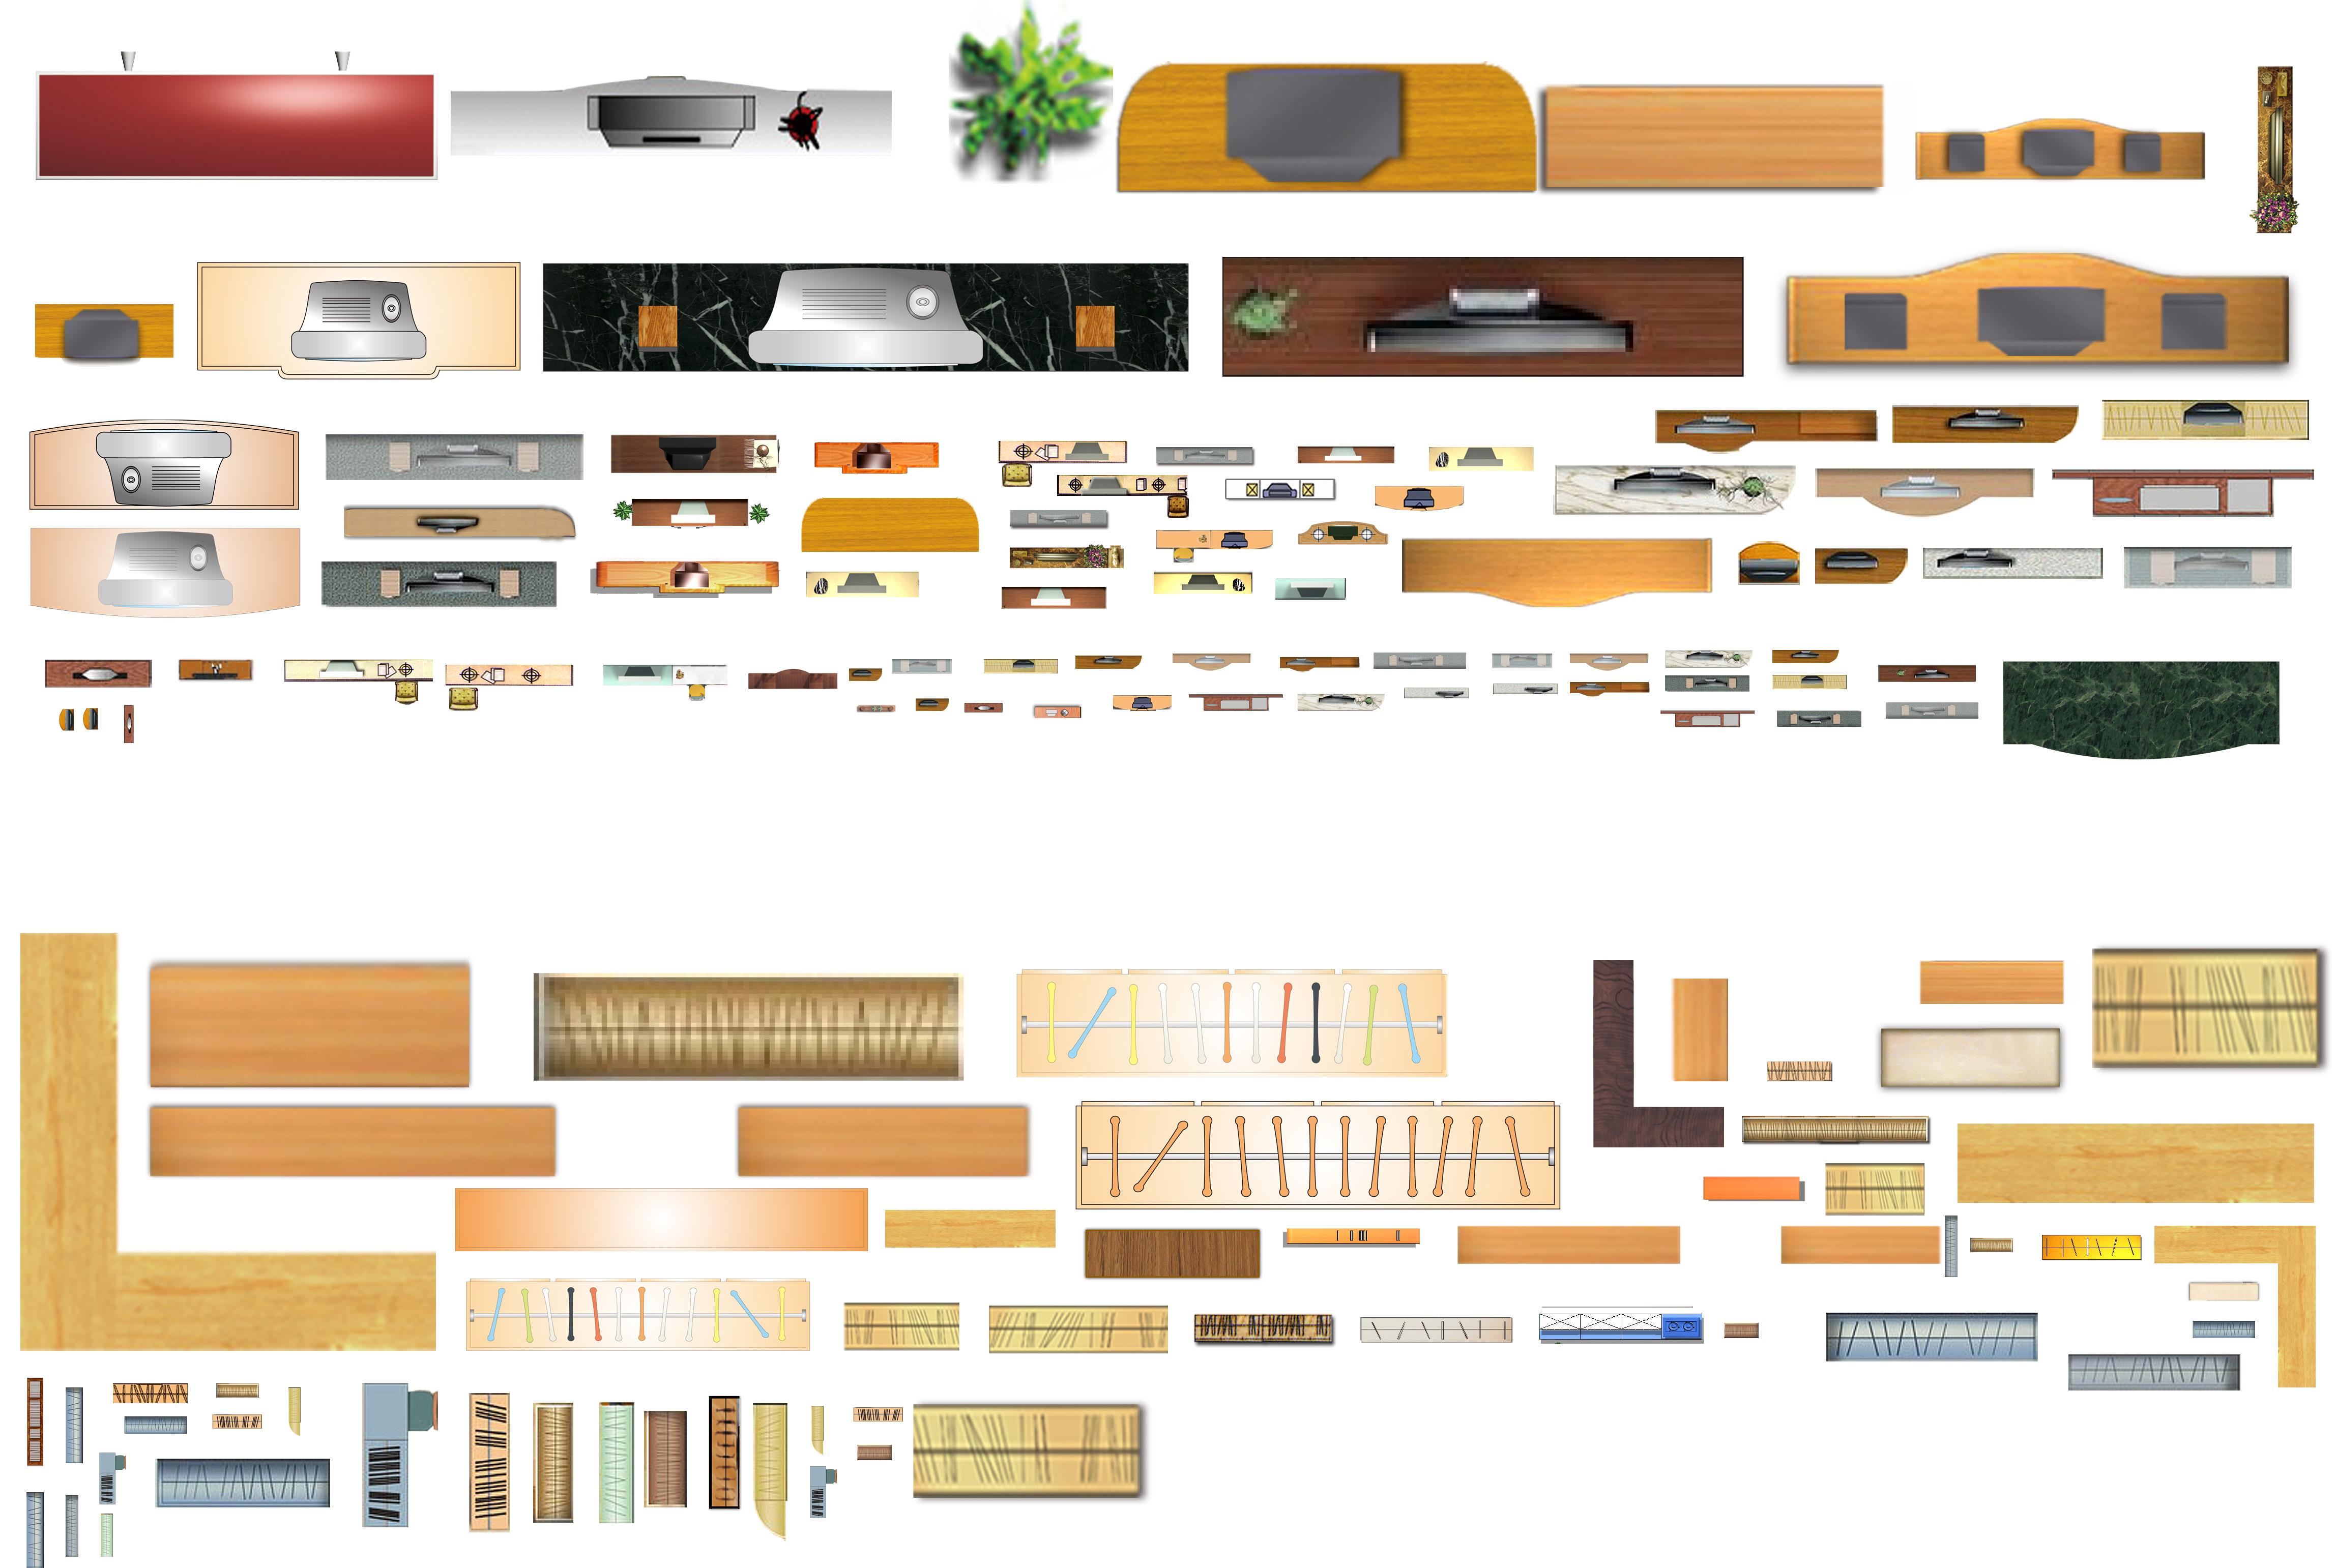 室內設計常用psd彩色平面圖塊—衣柜電視柜psd圖塊圖片